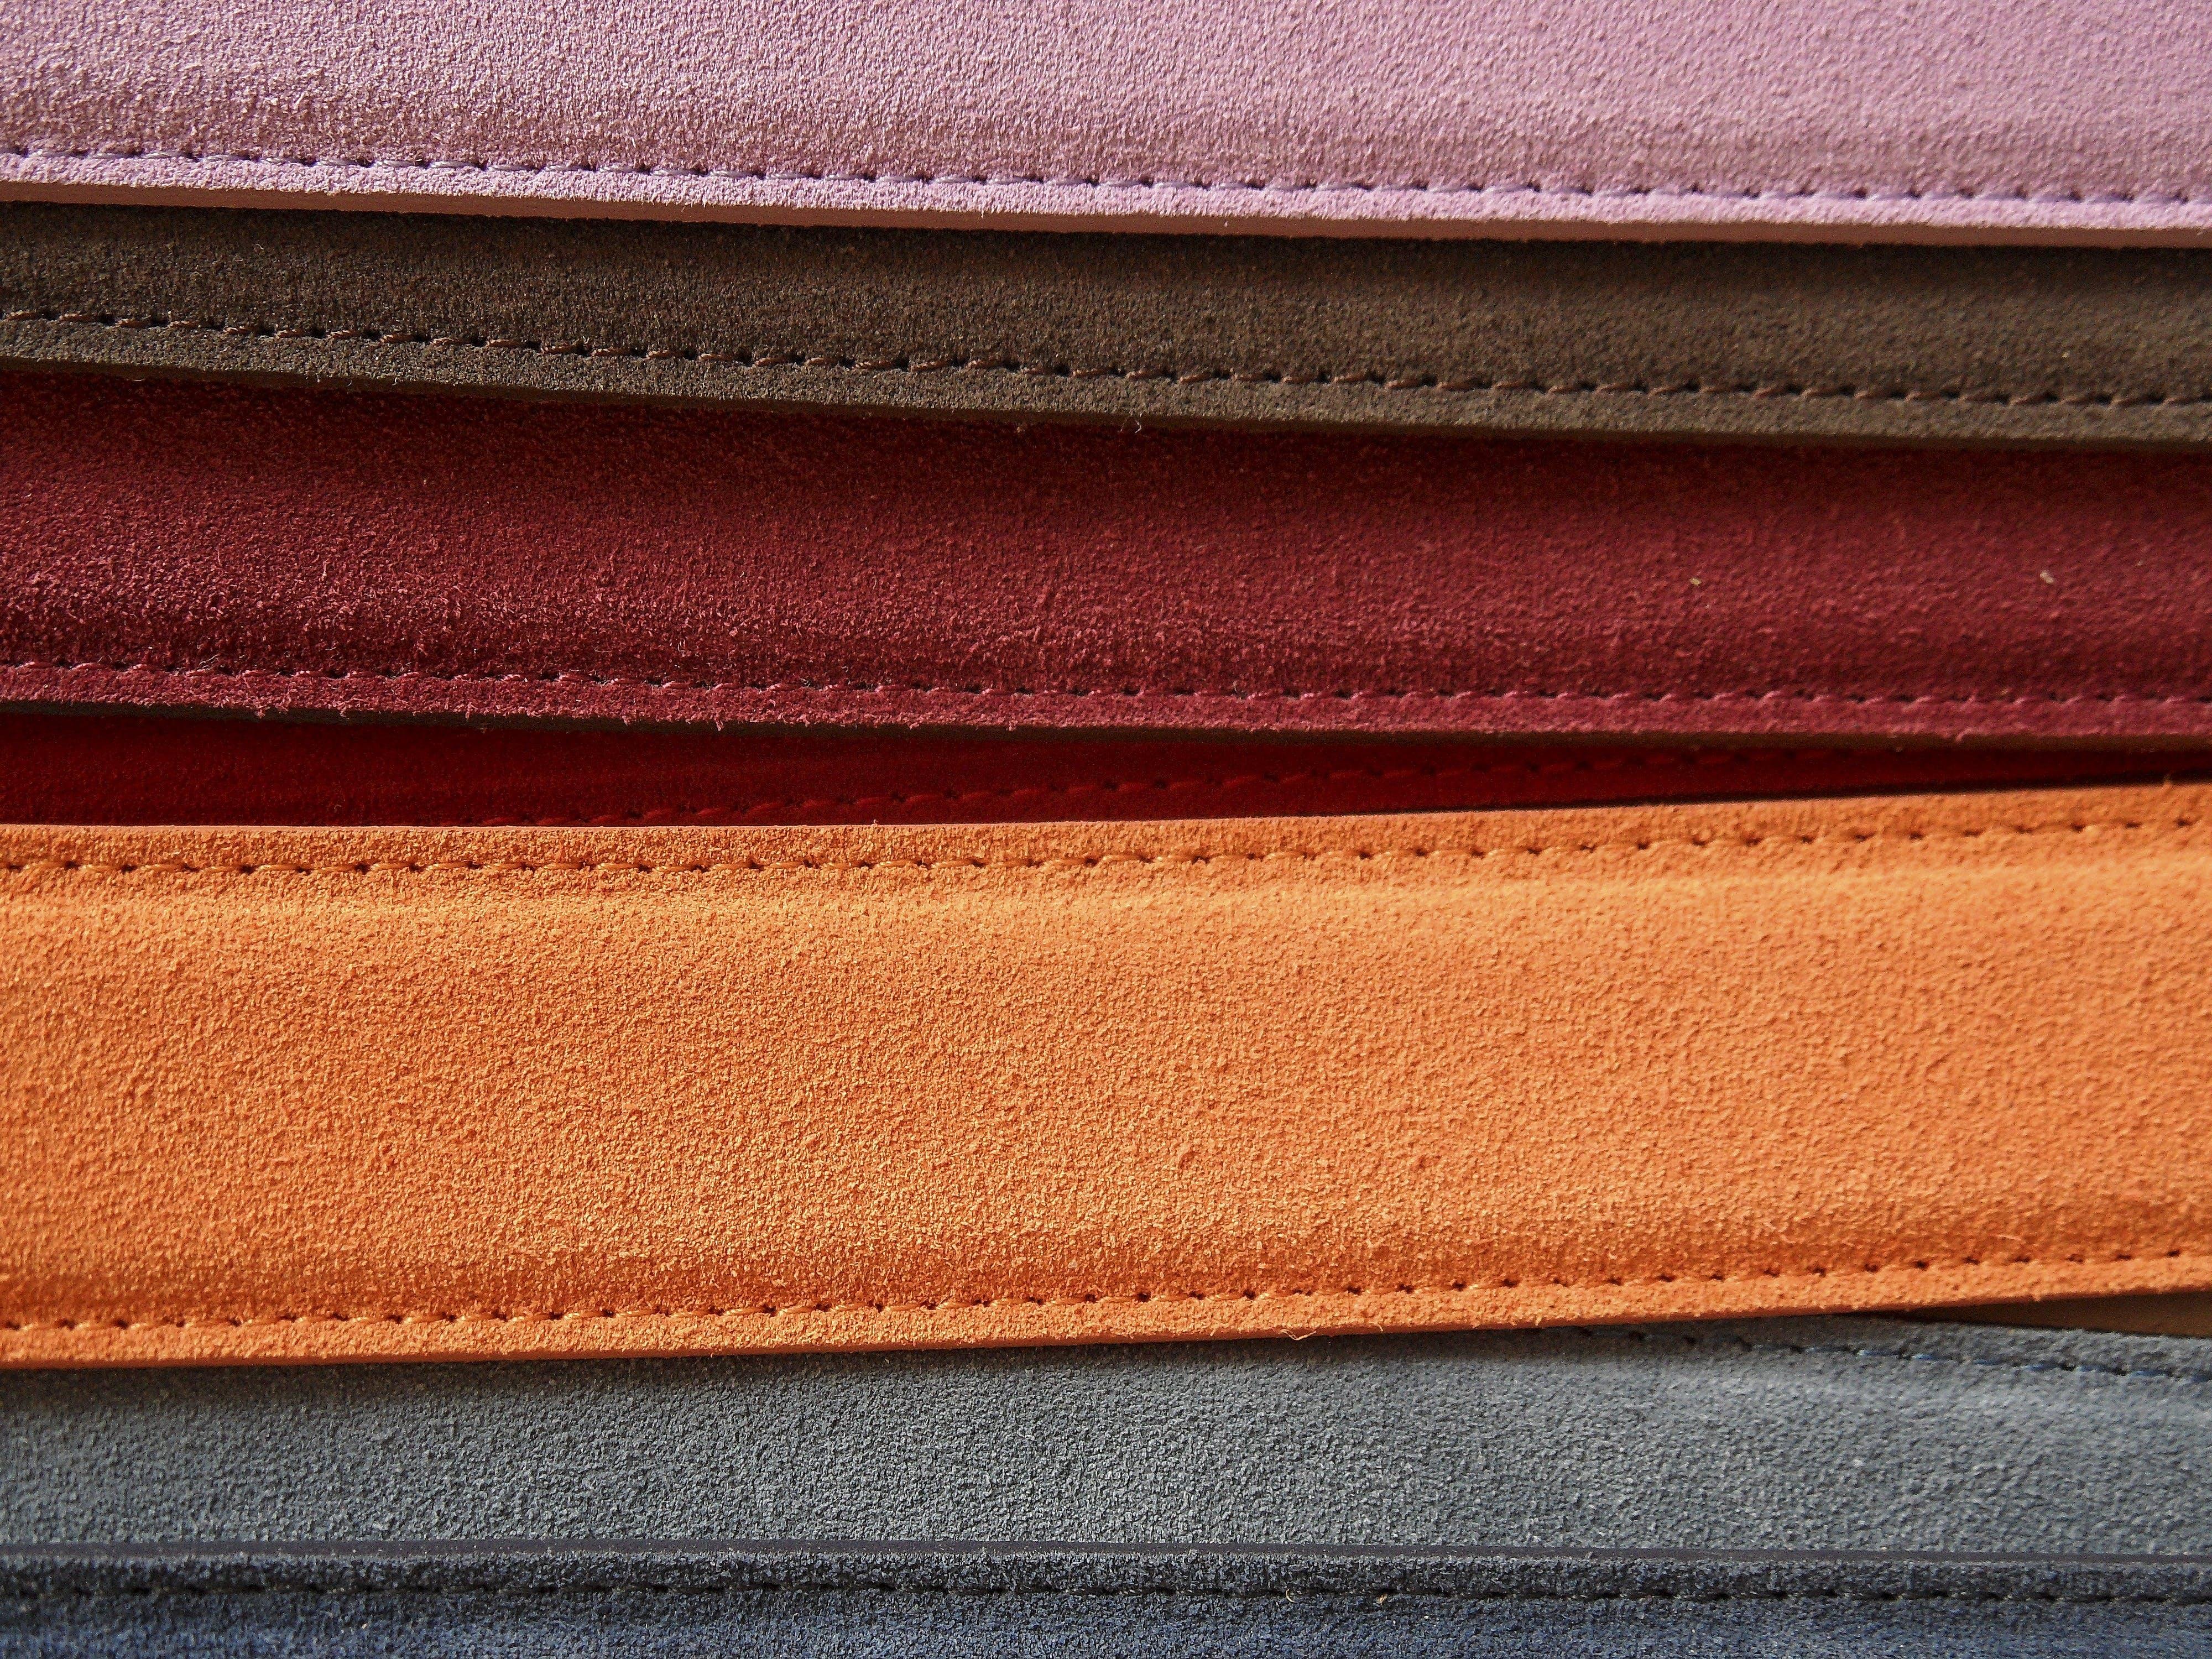 Fotos de stock gratuitas de cinturones, colores, costuras, cuero